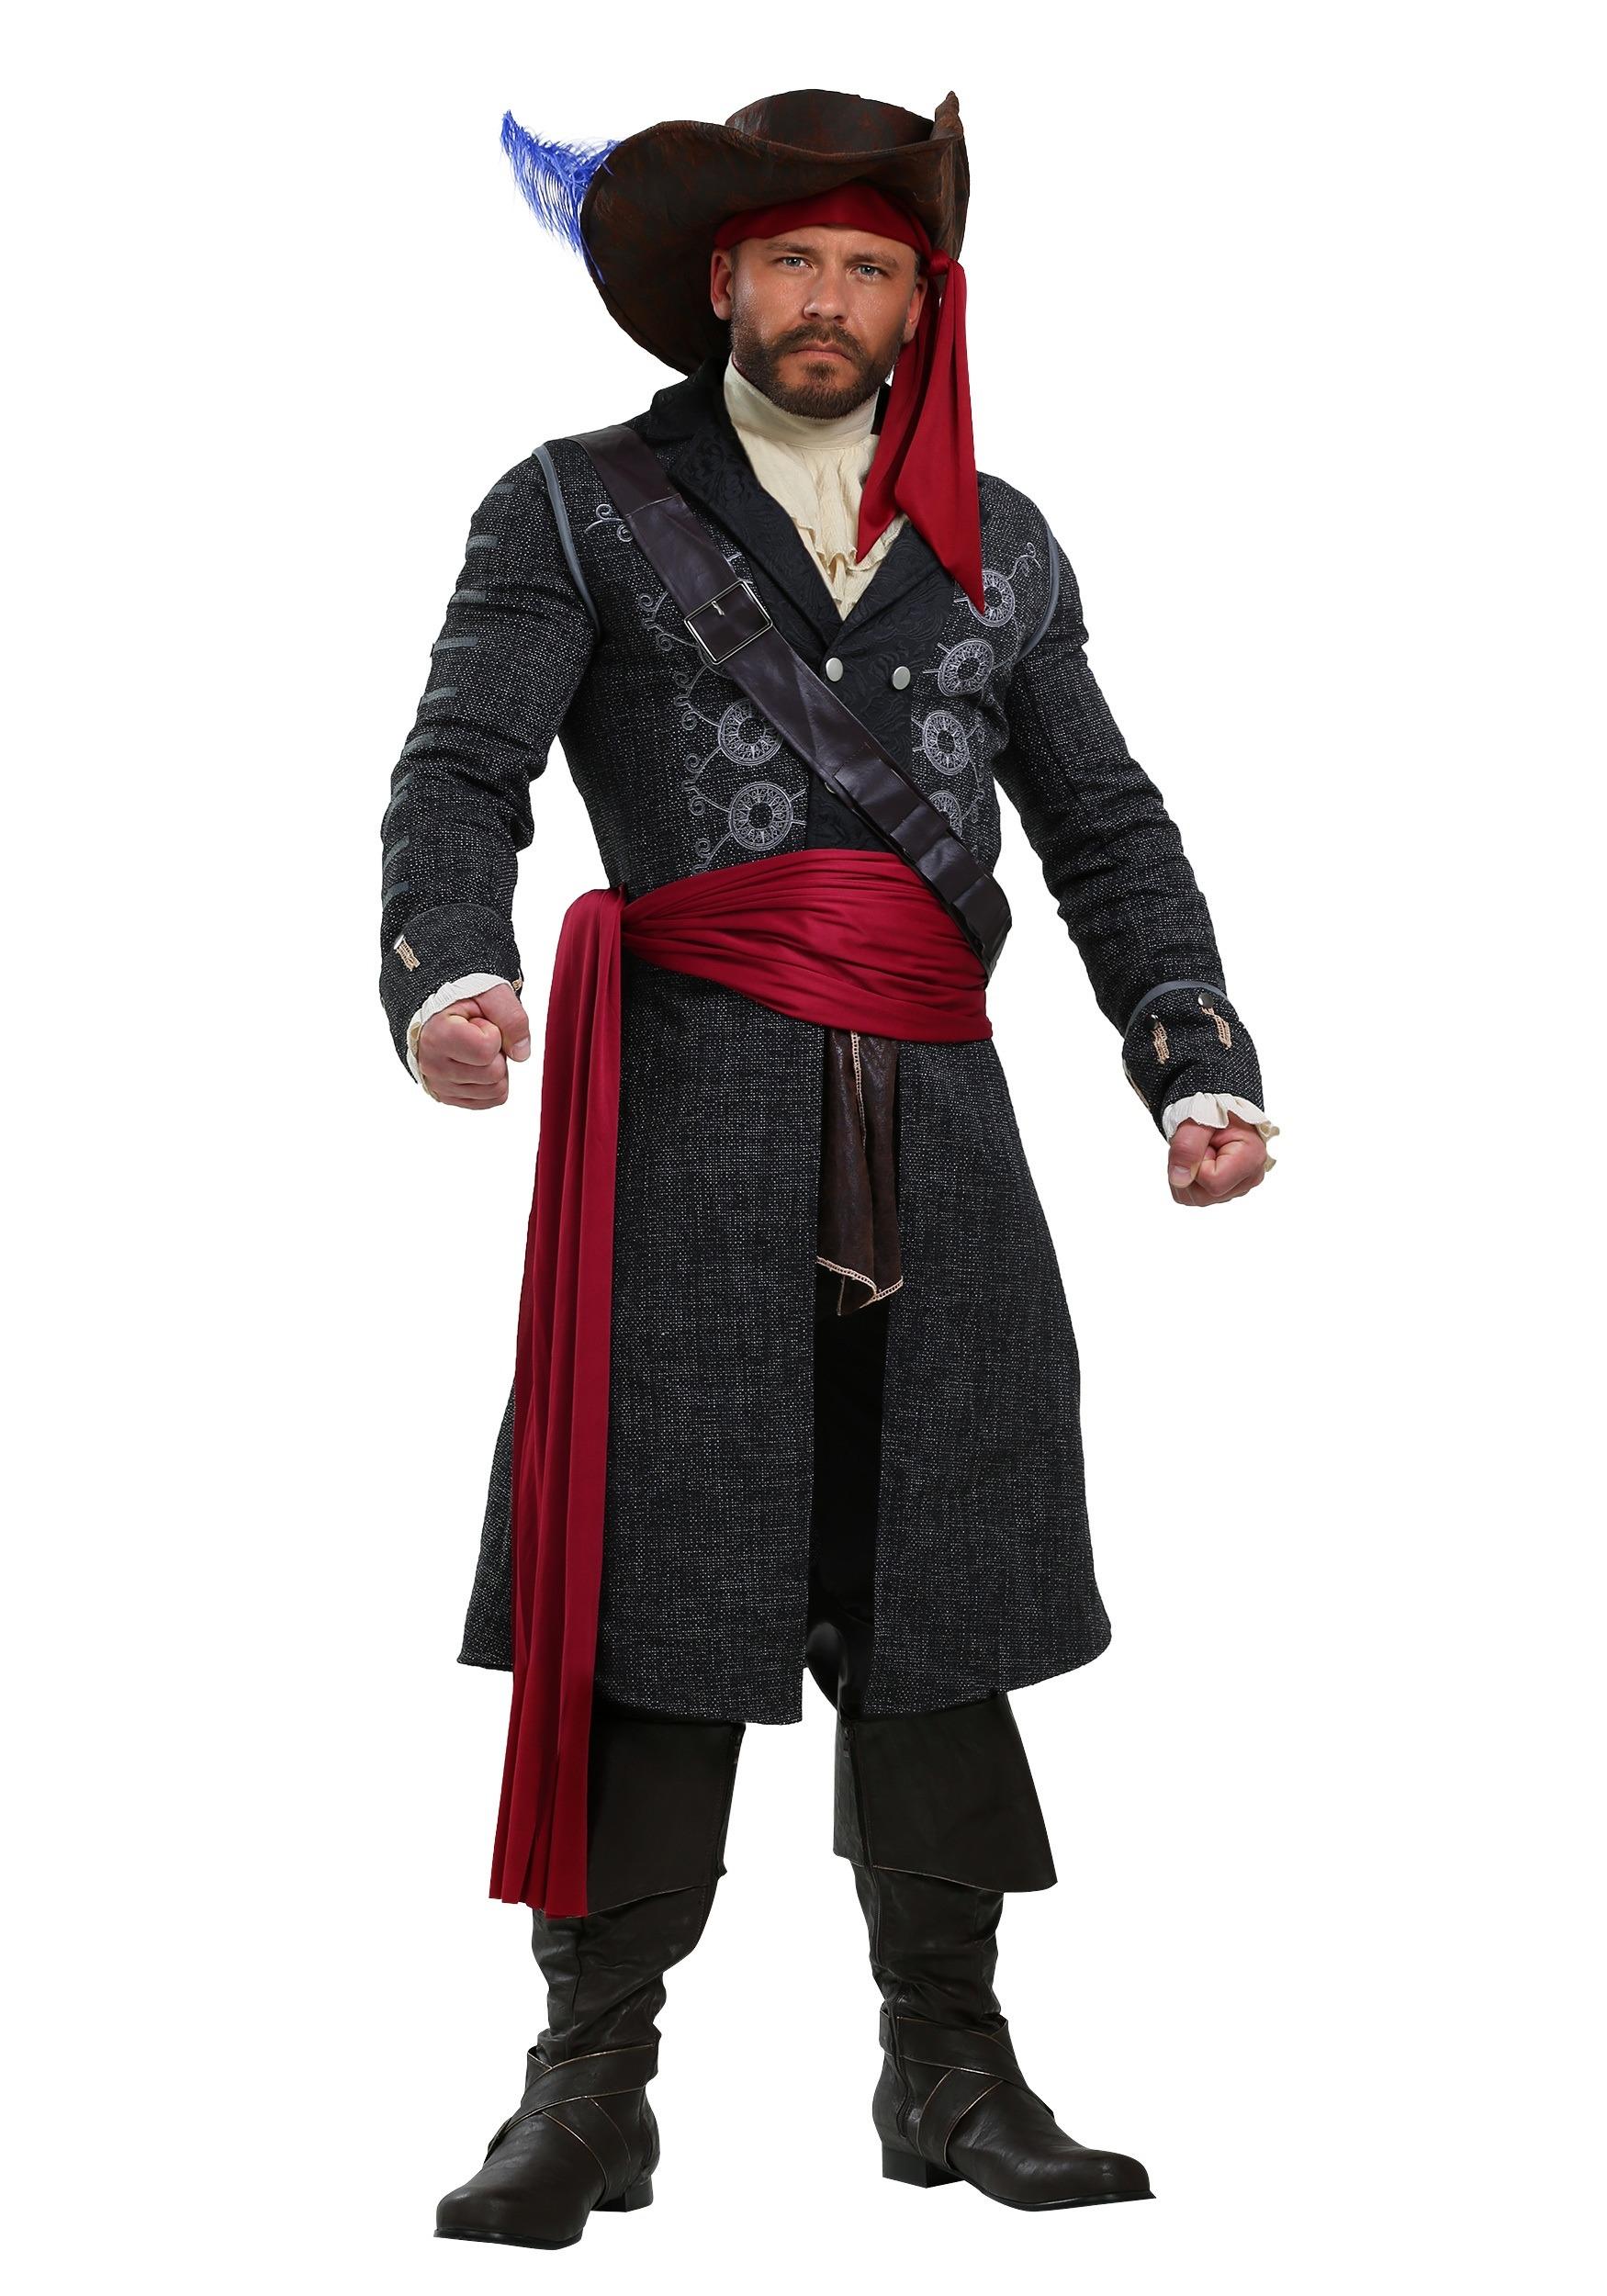 Blackbeard Costume for Men